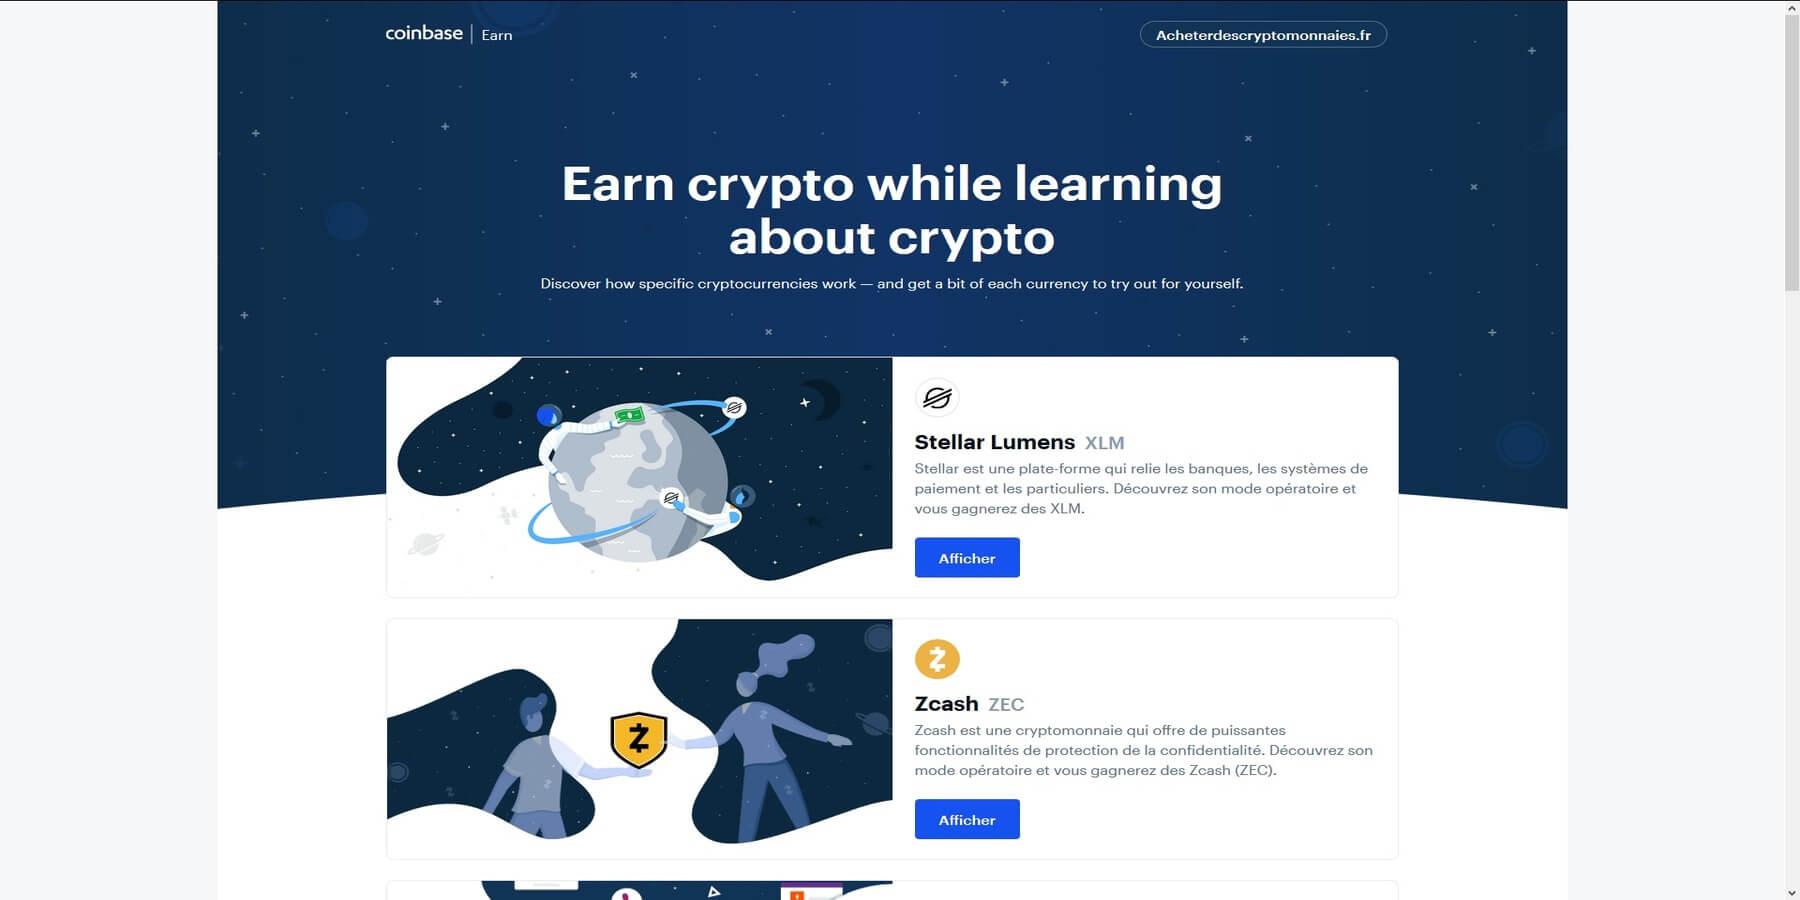 Gagner des cryptomonnaies avec Coinbase earn